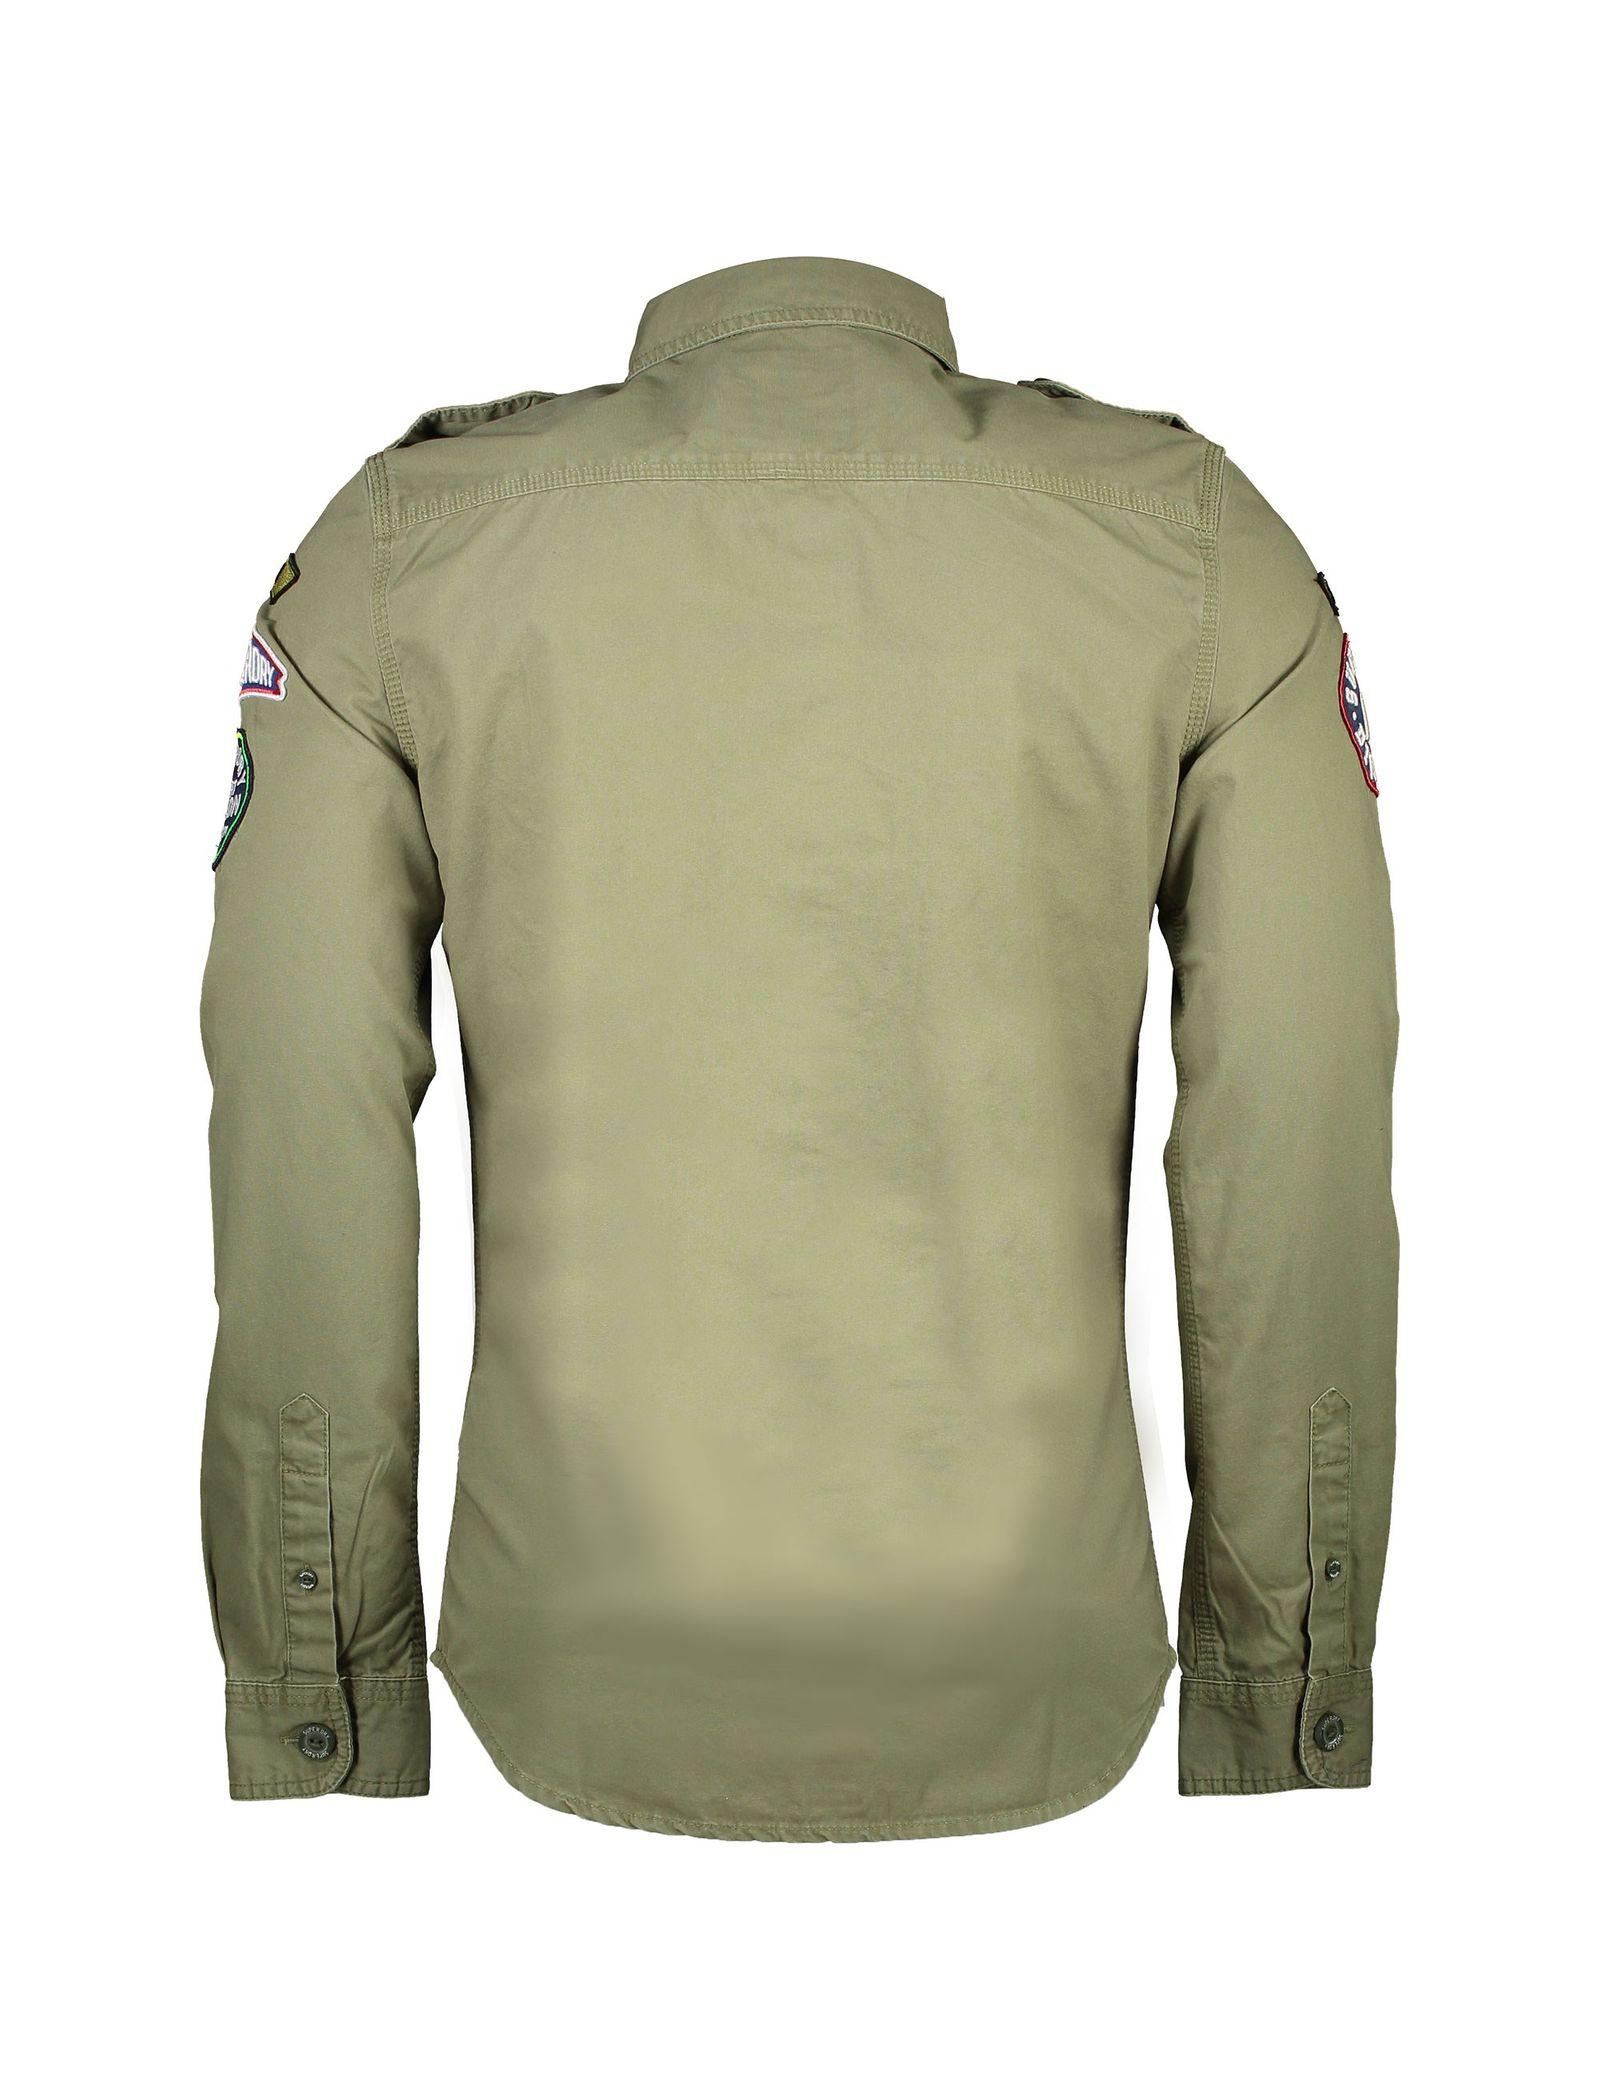 پیراهن نخی آستین بلند مردانه - سوپردرای - سبز - 4